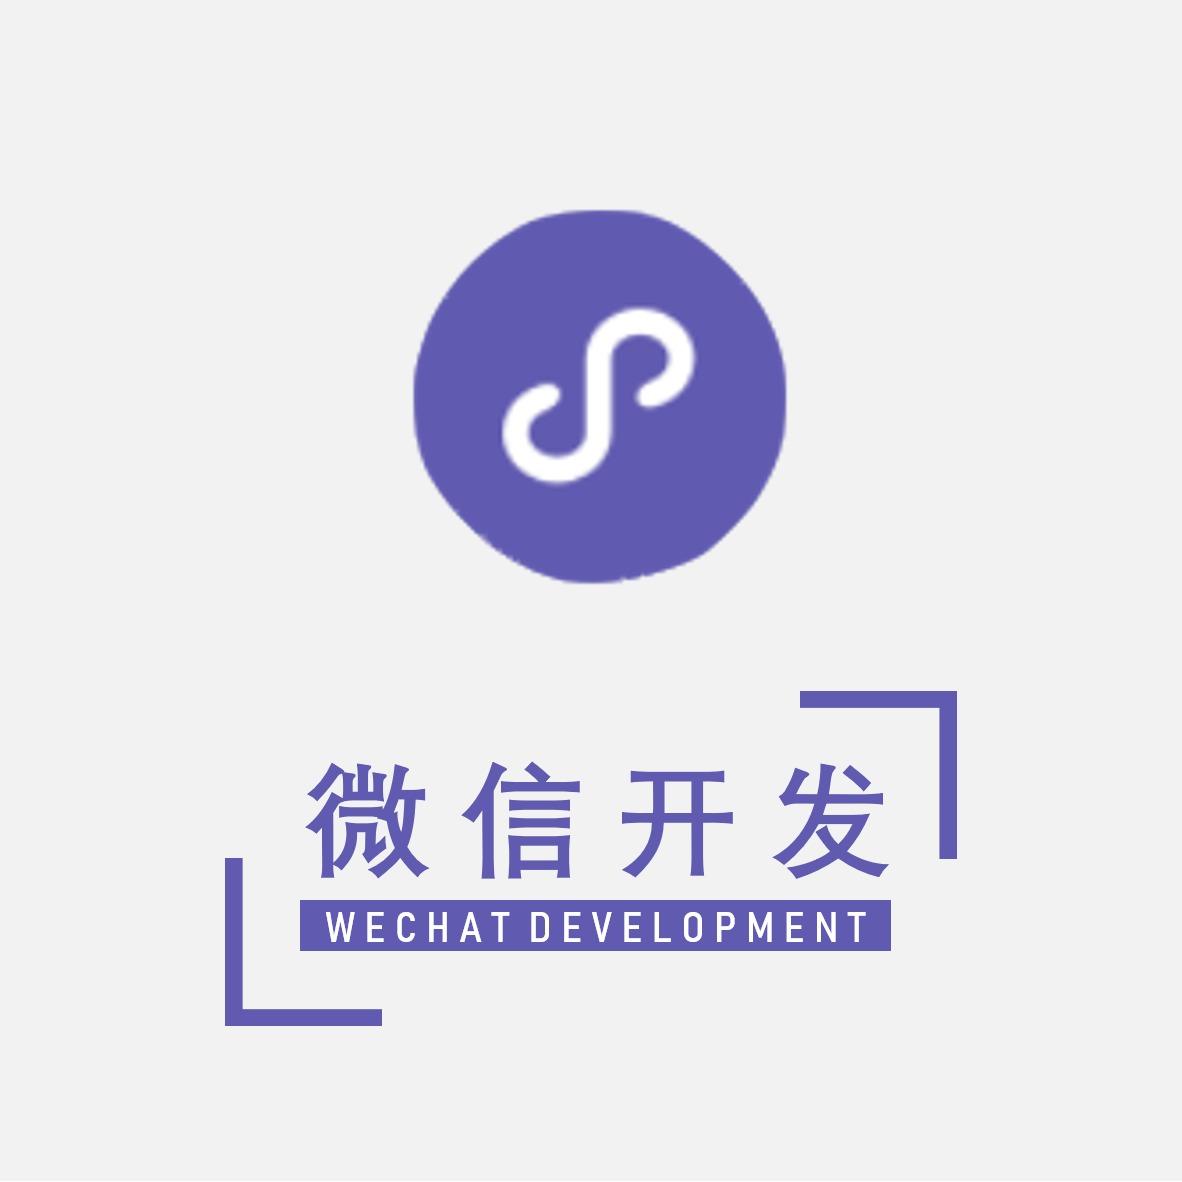 官网小程序丨微官网小程序丨企业小程序丨微信开发丨小程序